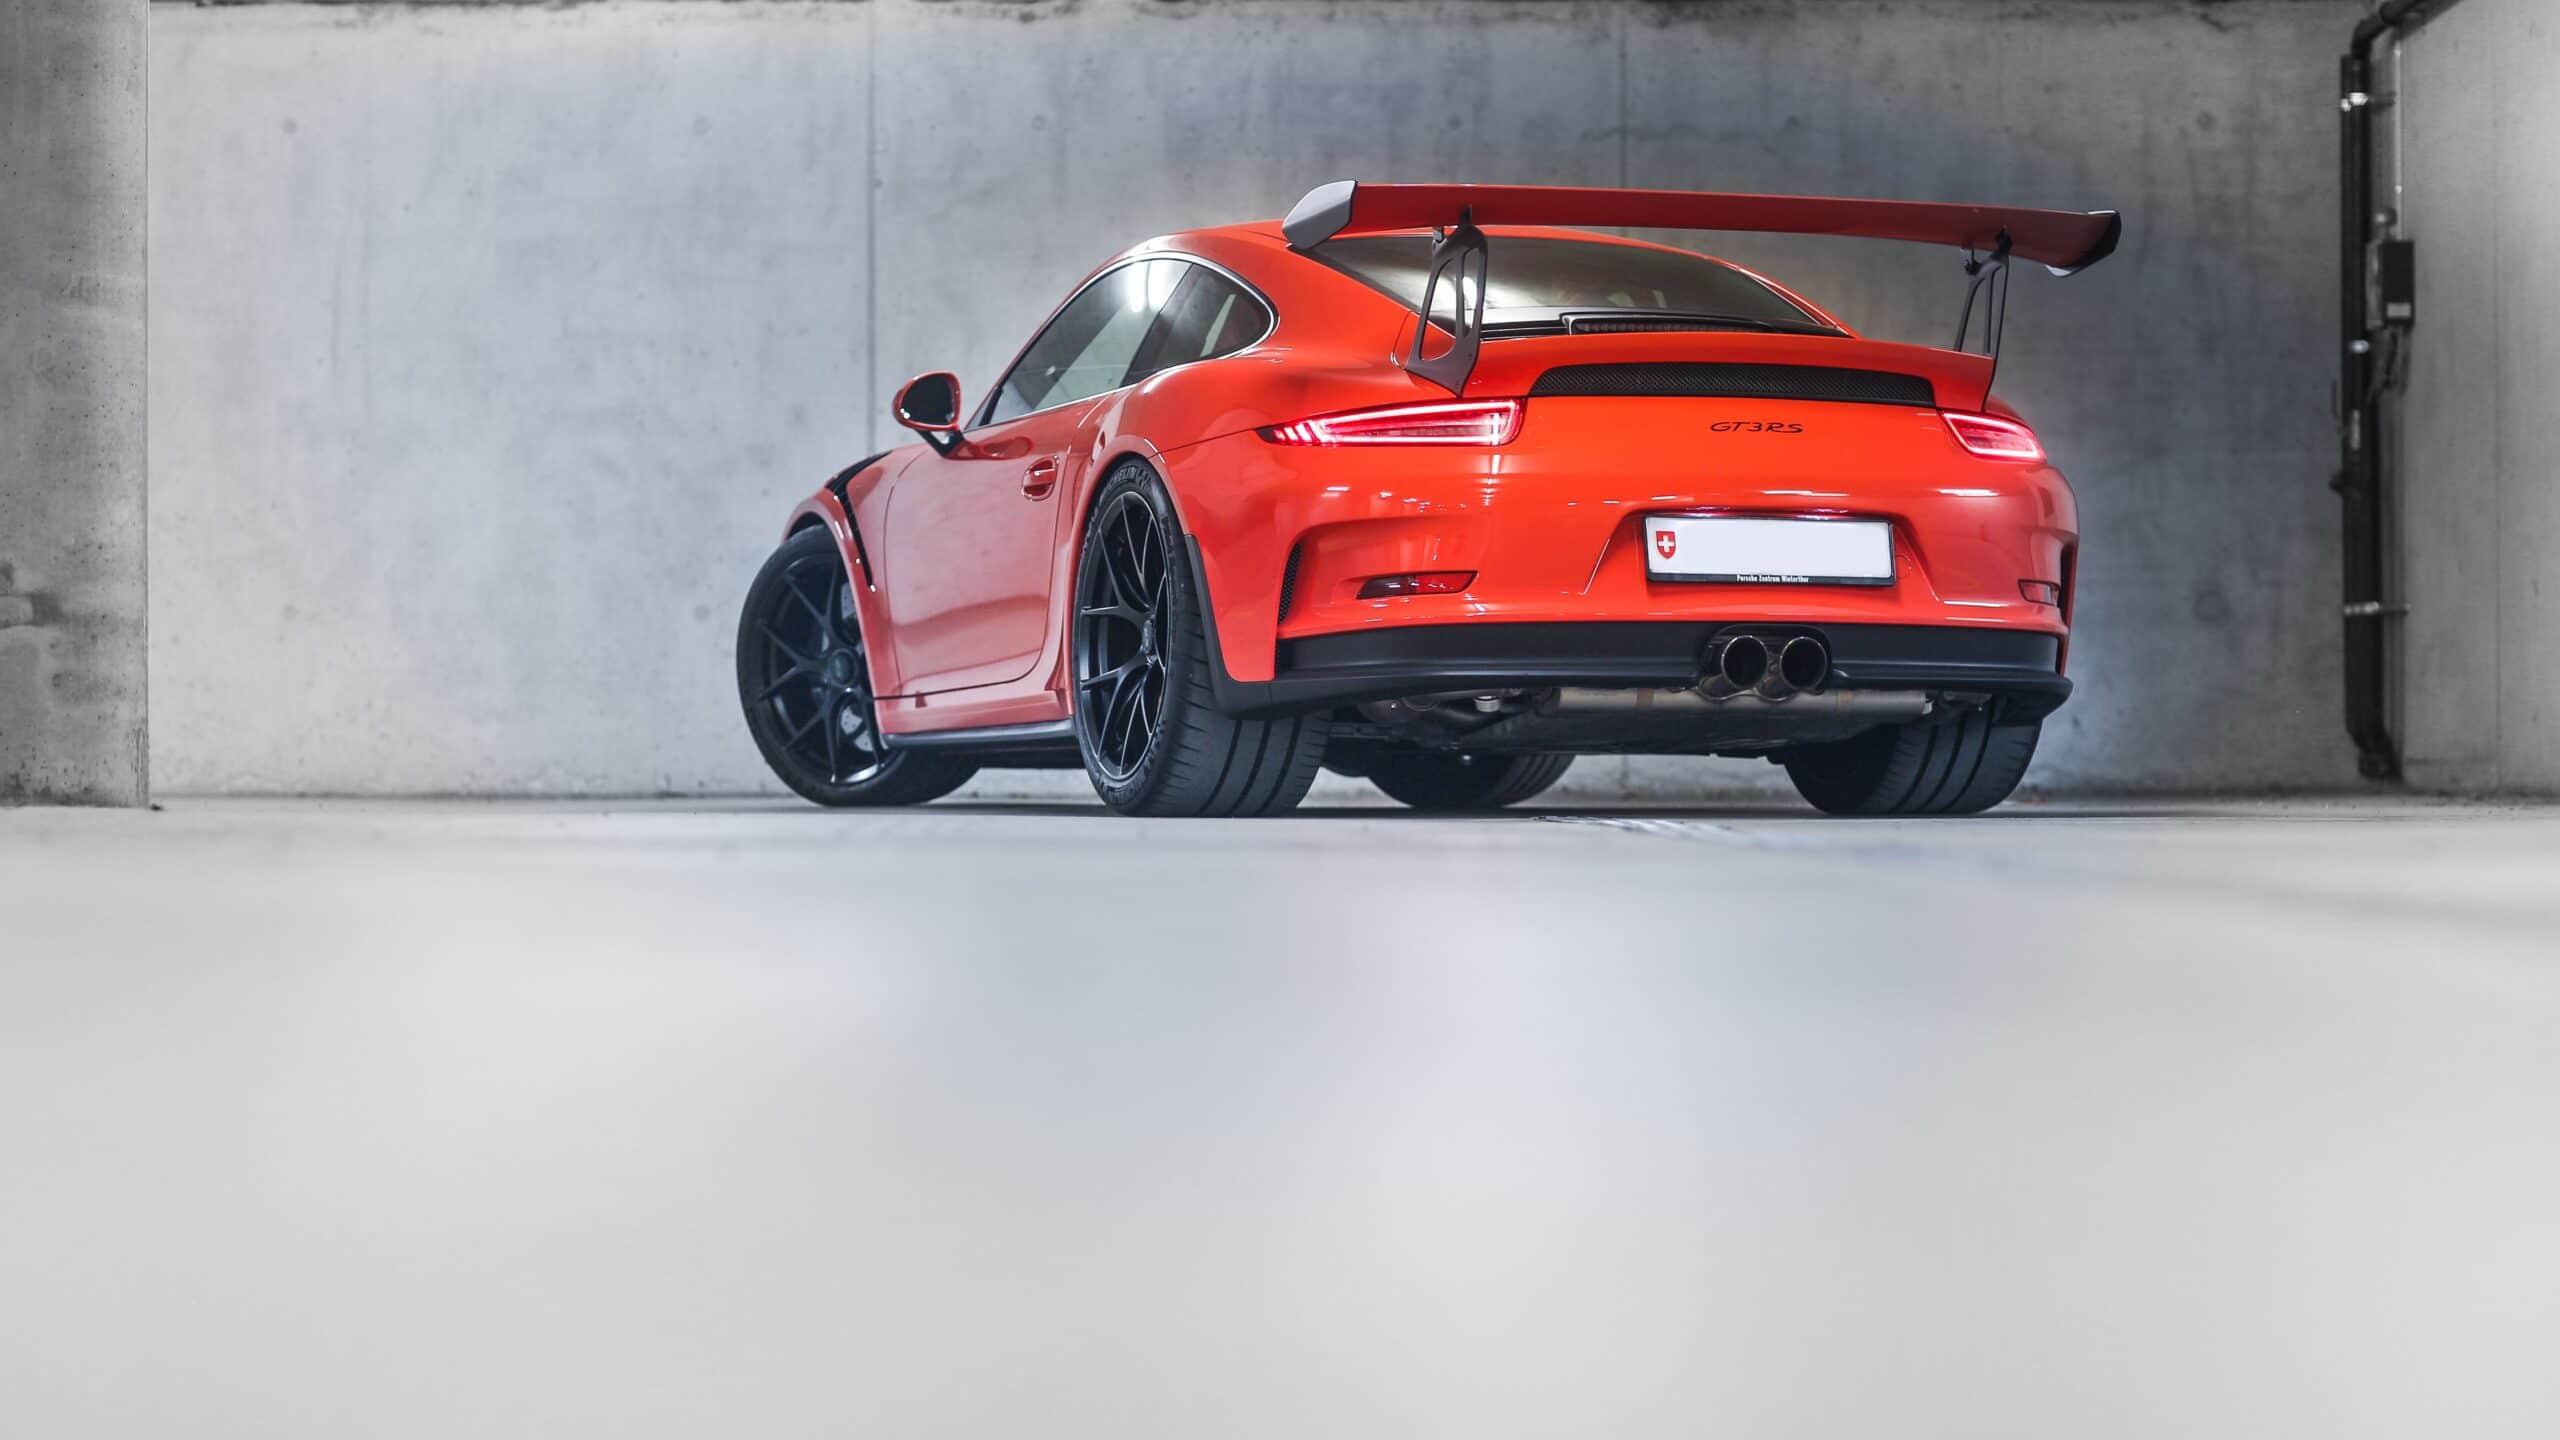 Porsche gt3 rs rot ansicht von hinten